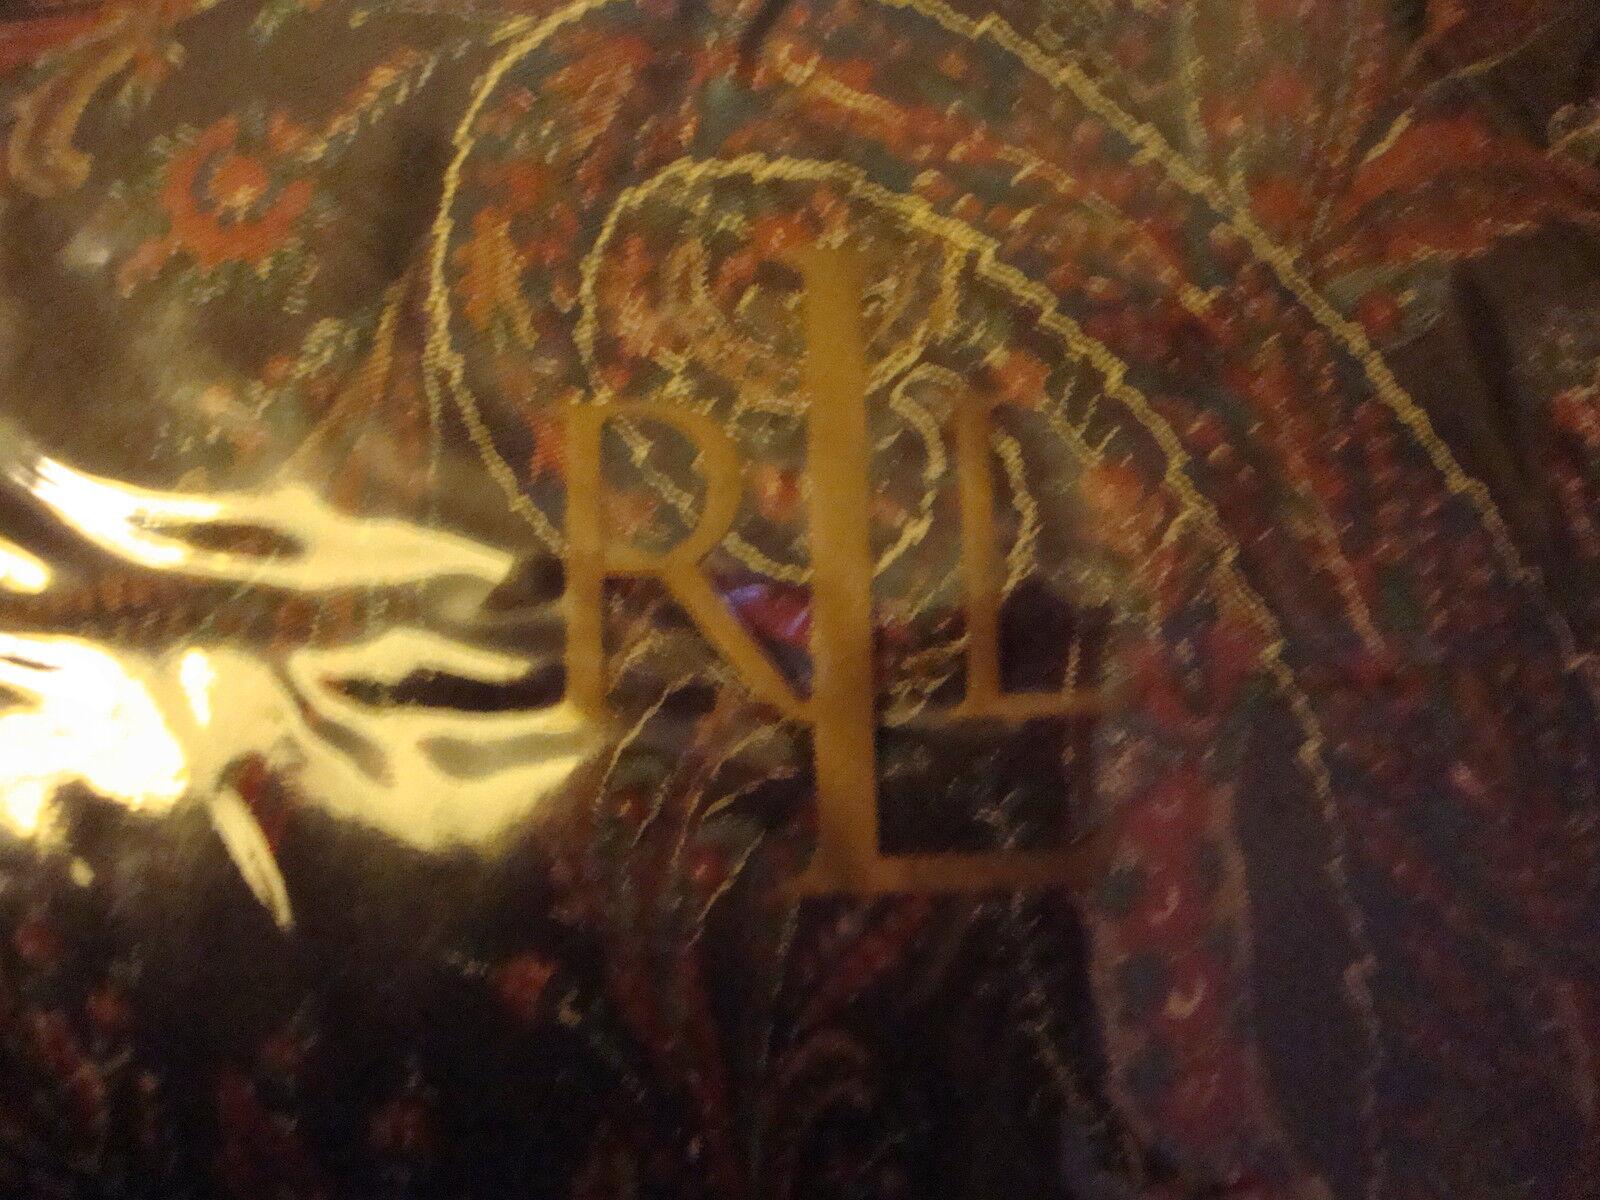 NEW RALPH LAUREN BEDFORD HUNT PAISLEY KING BED SKIRT